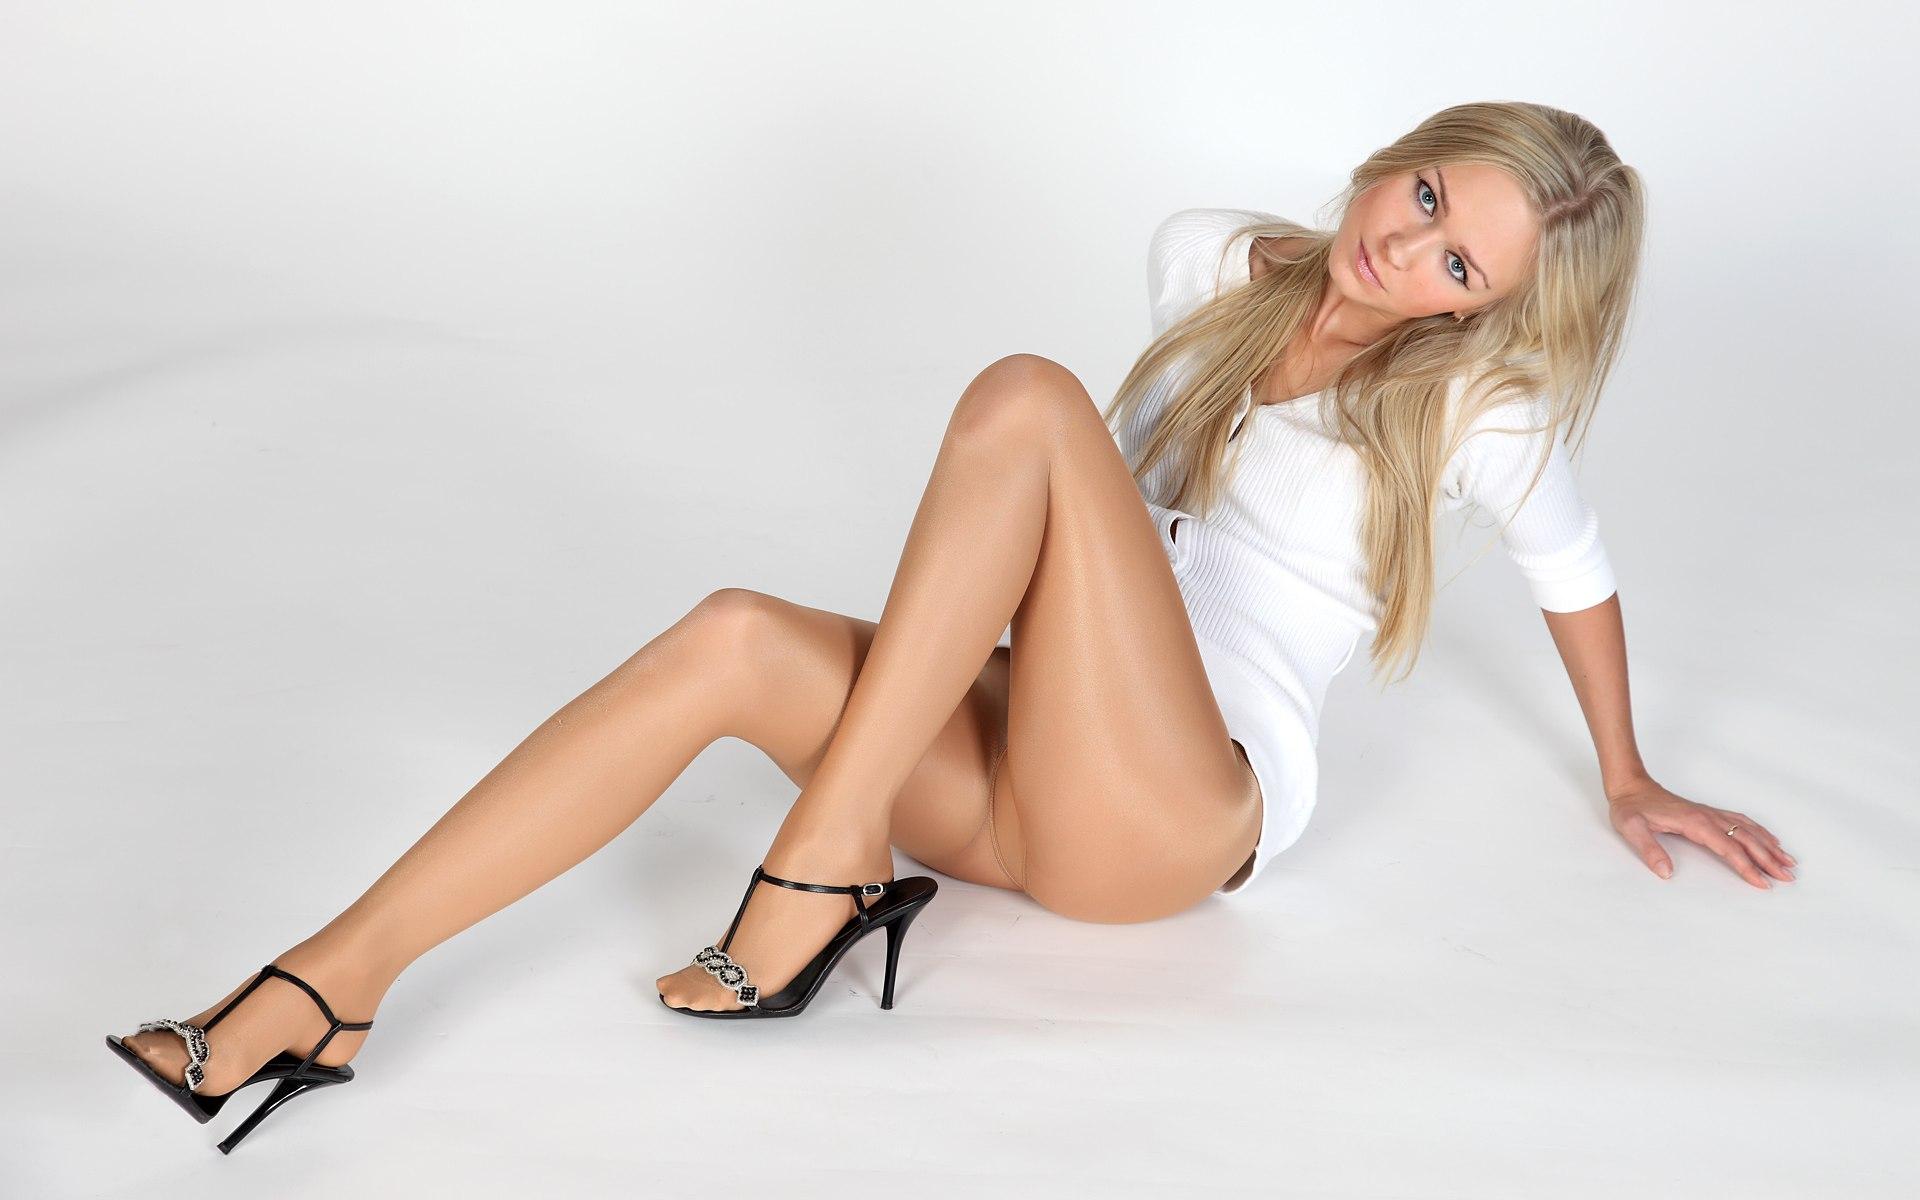 Стройные ножки в чулках 9 фотография